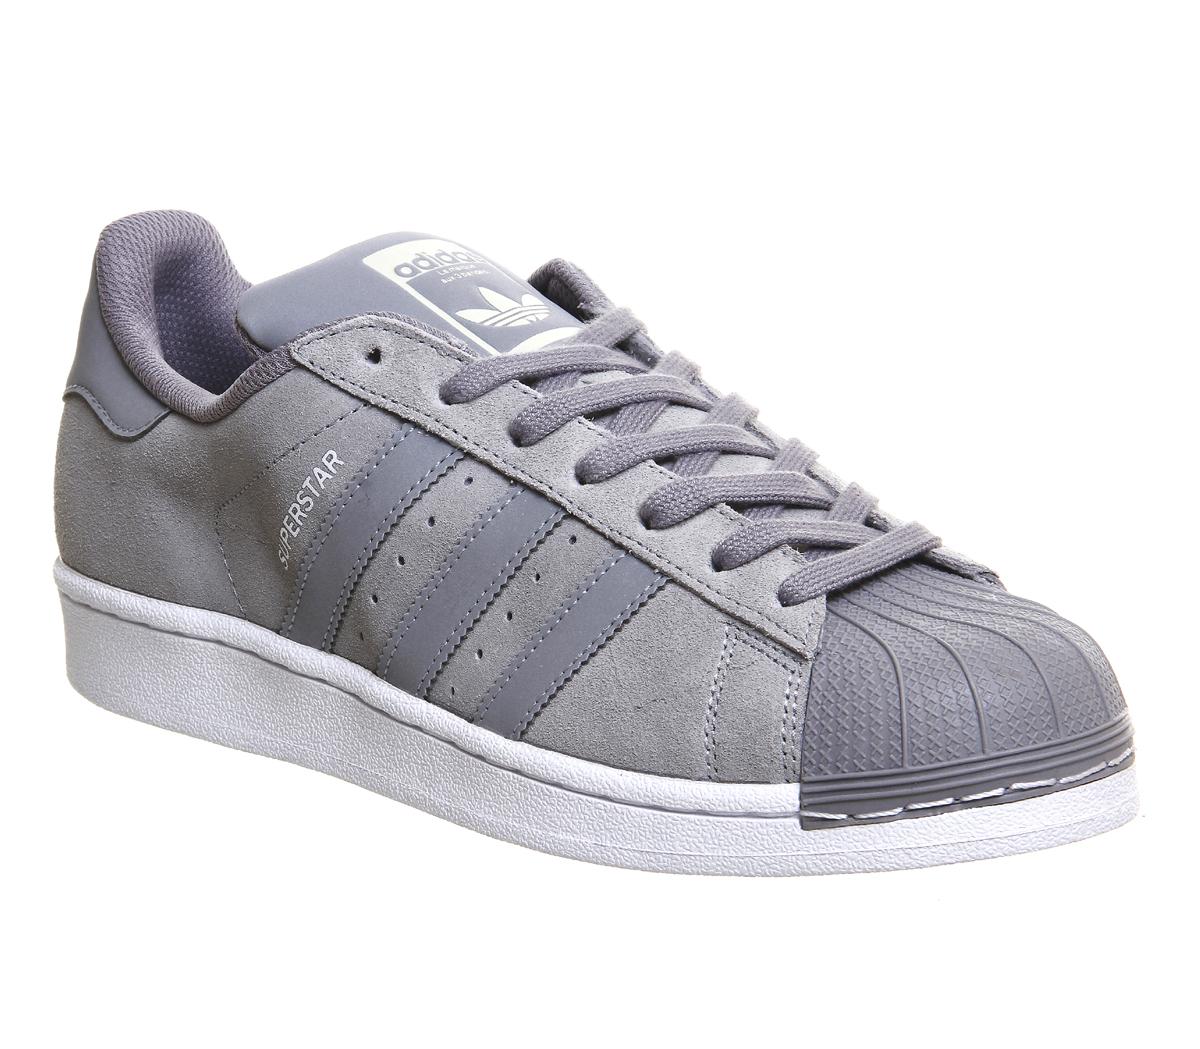 Adidas Superstar 1 White